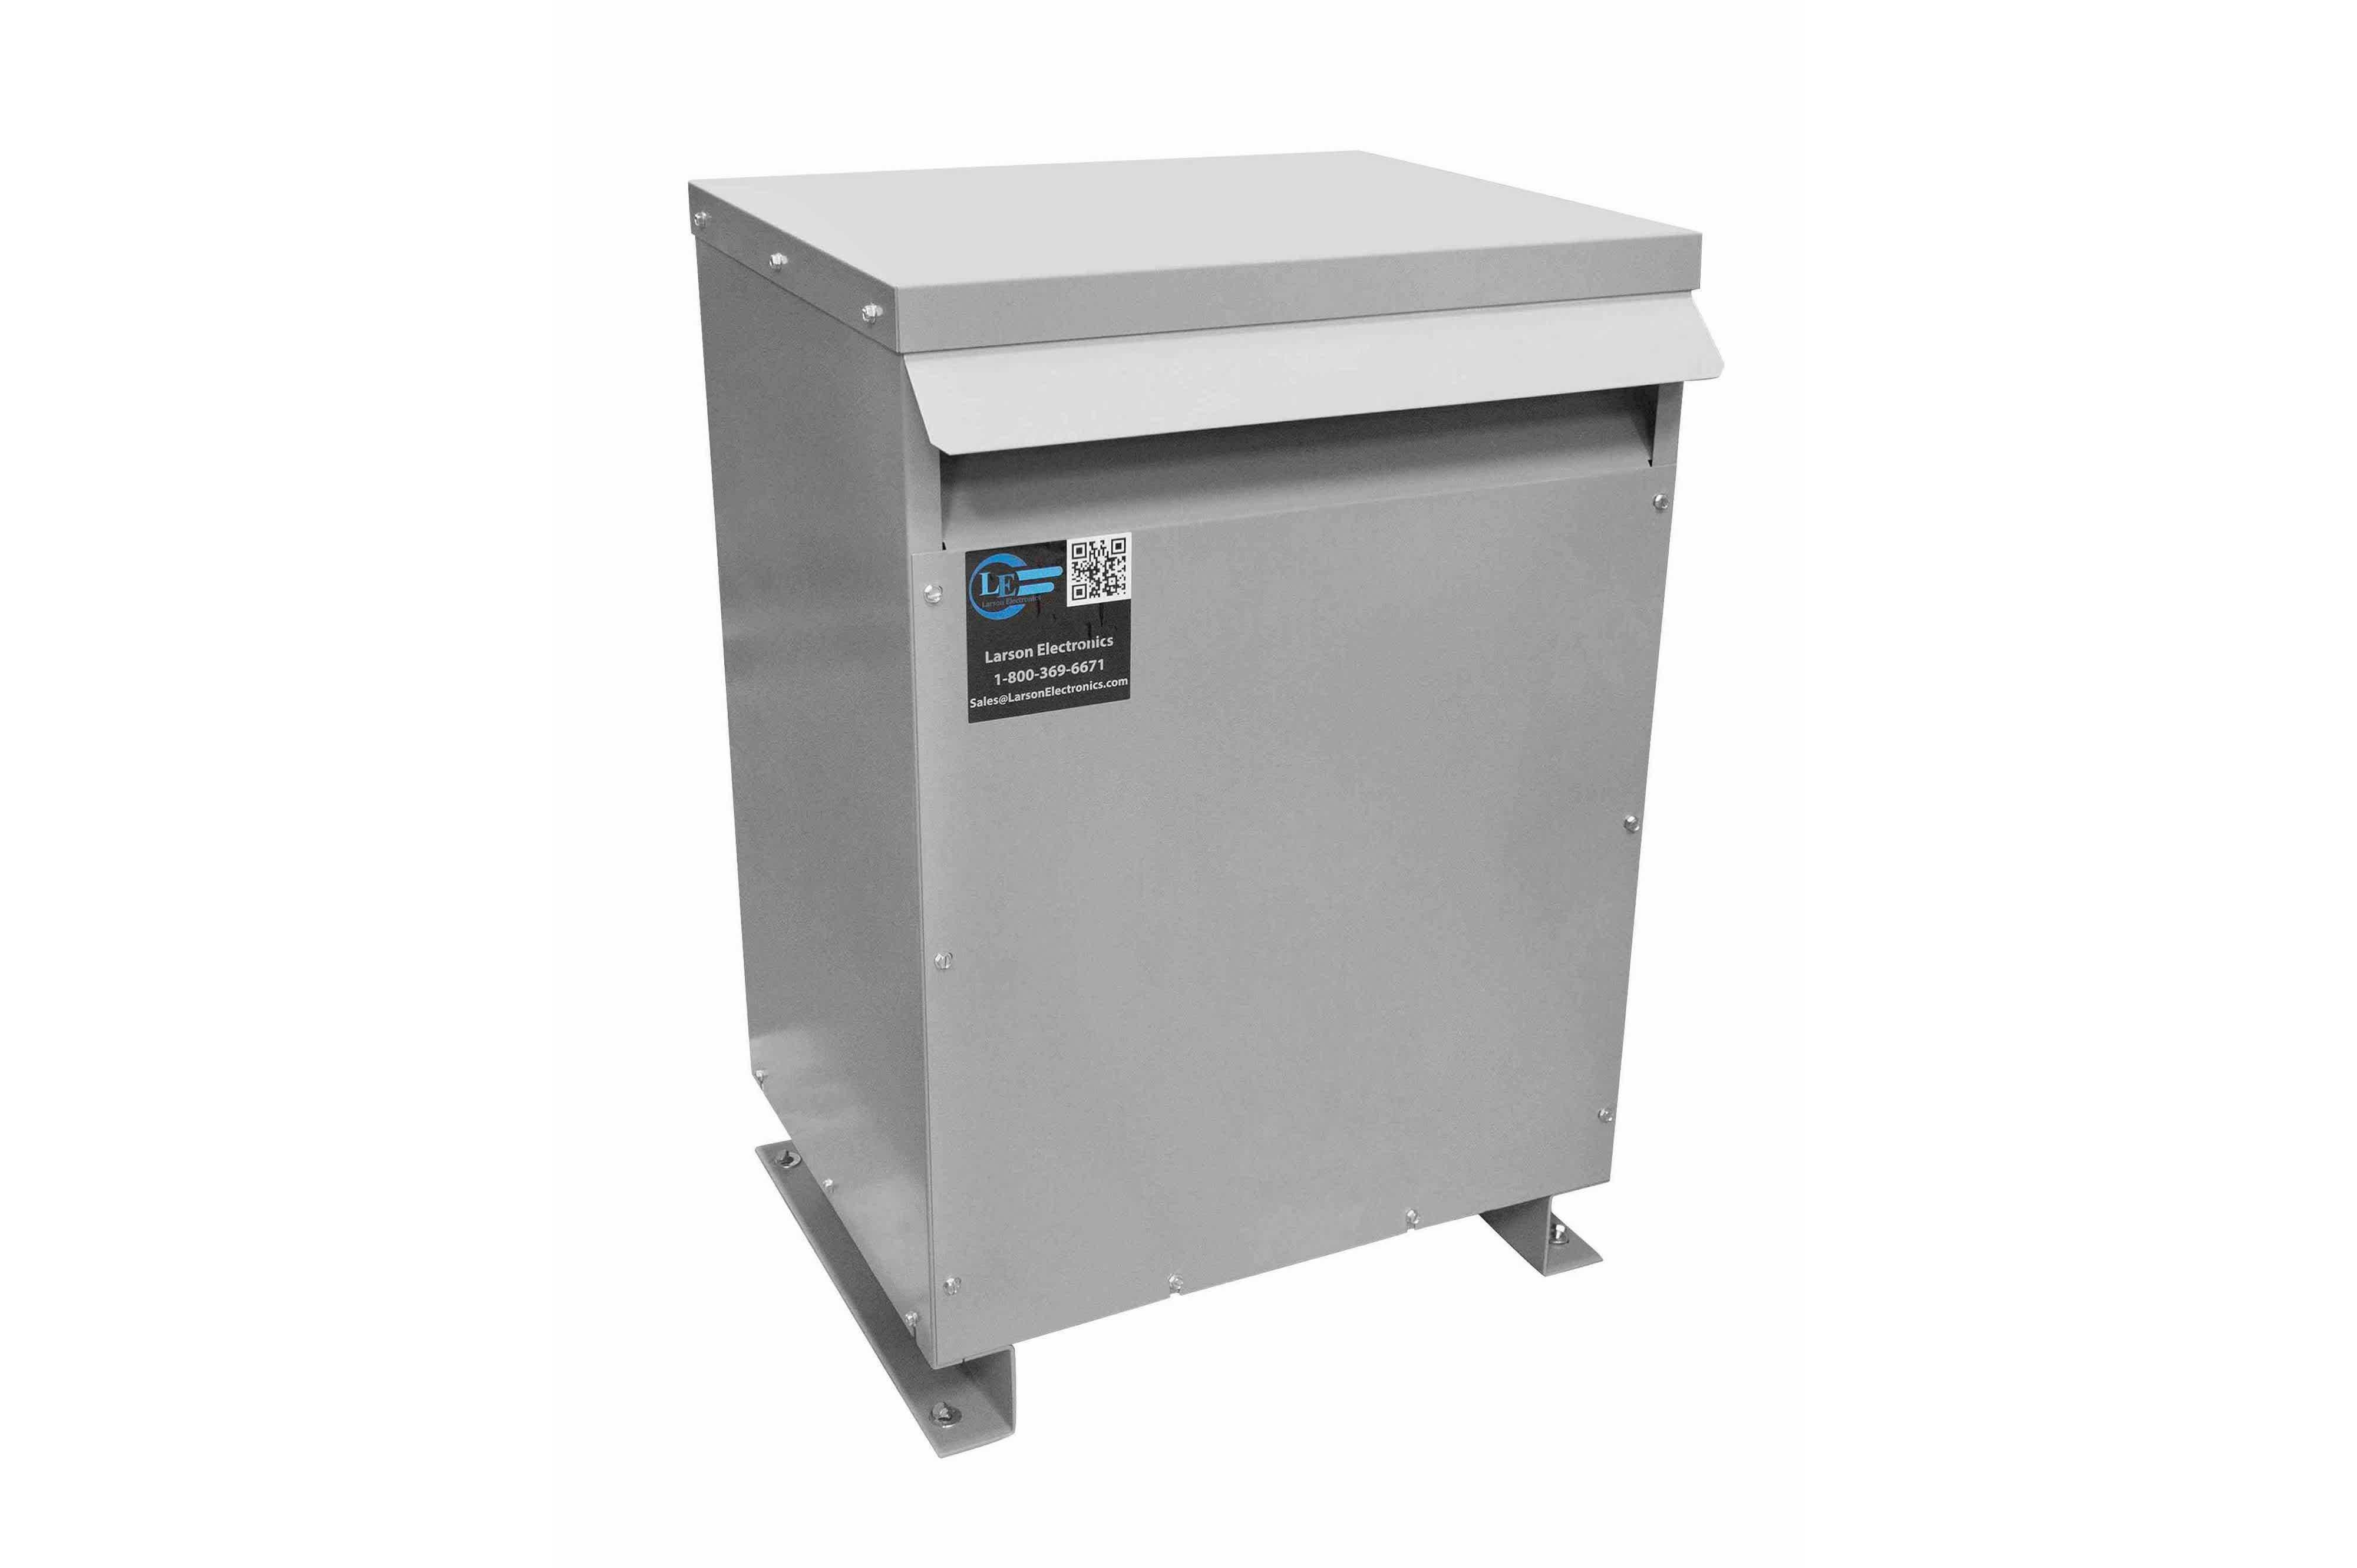 60 kVA 3PH Isolation Transformer, 460V Delta Primary, 400V Delta Secondary, N3R, Ventilated, 60 Hz